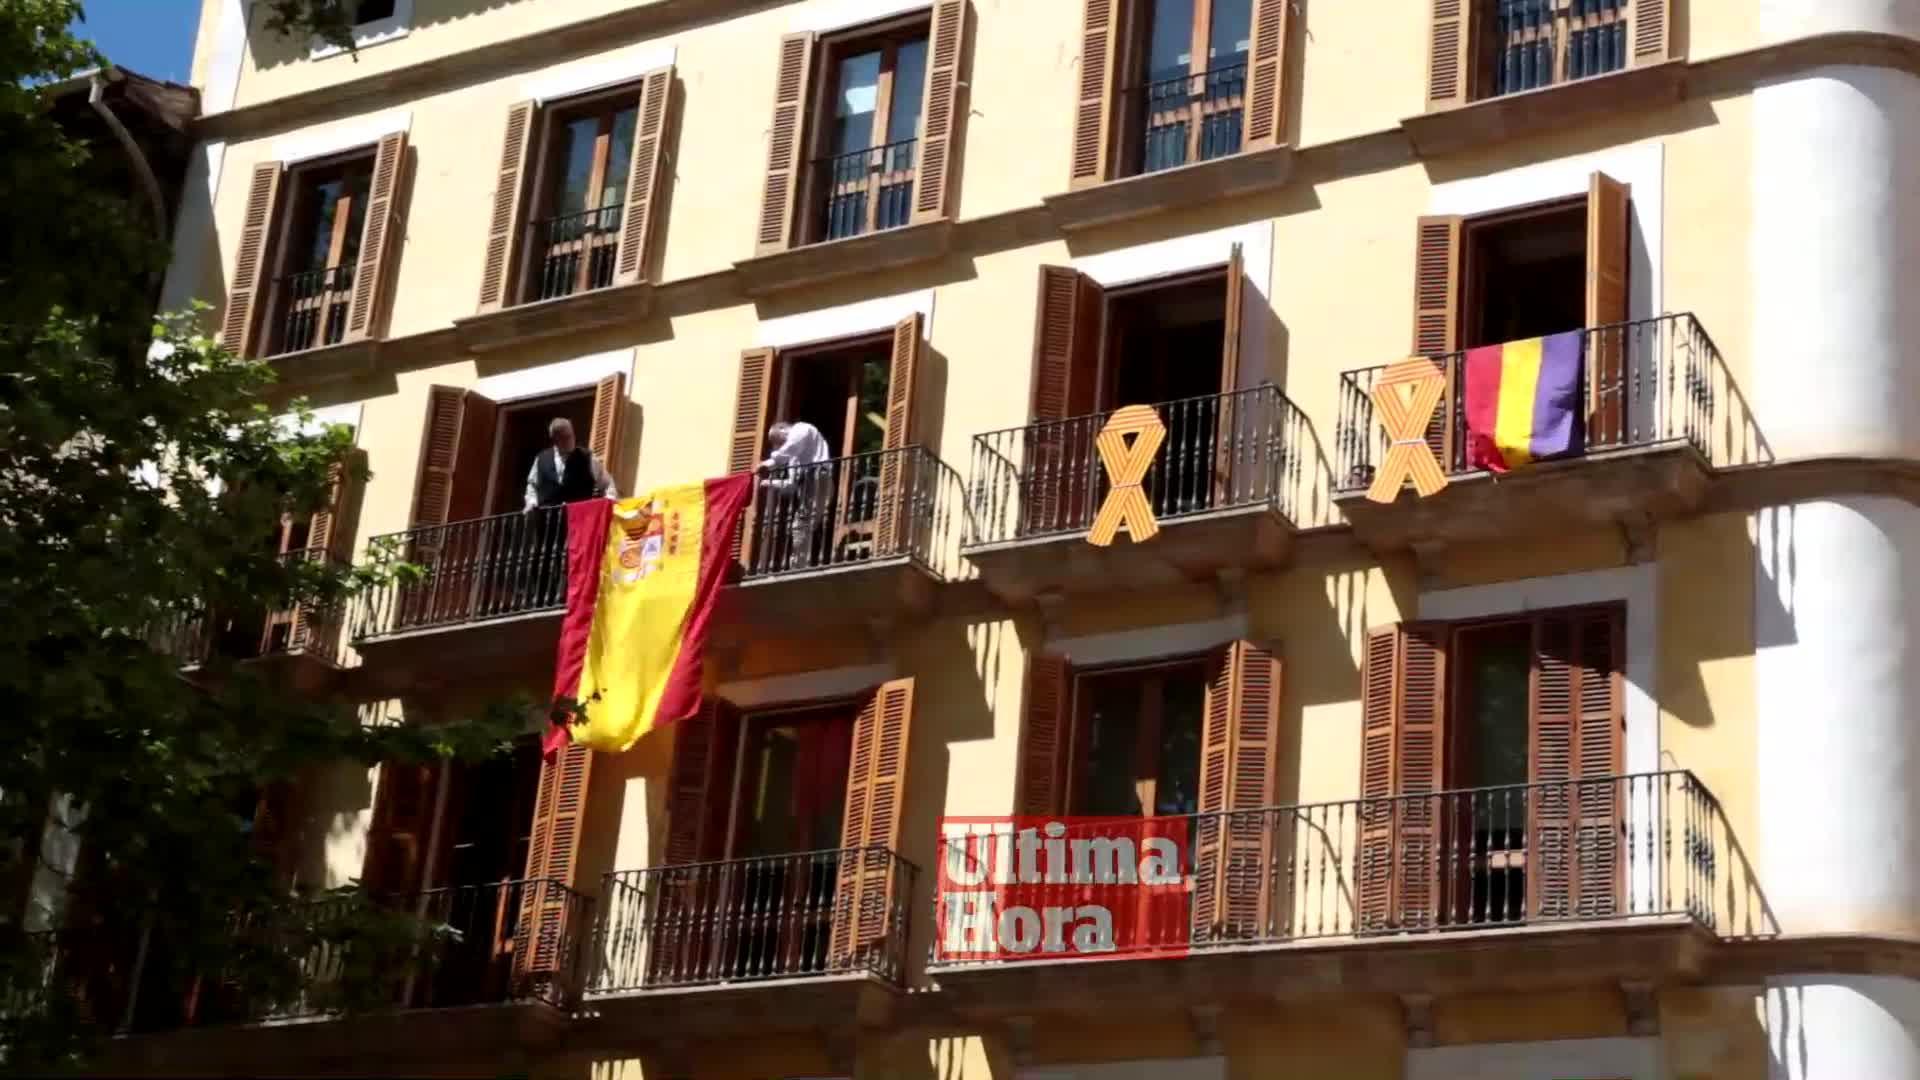 Guerra de banderas en Cort por el 85 aniversario de la República